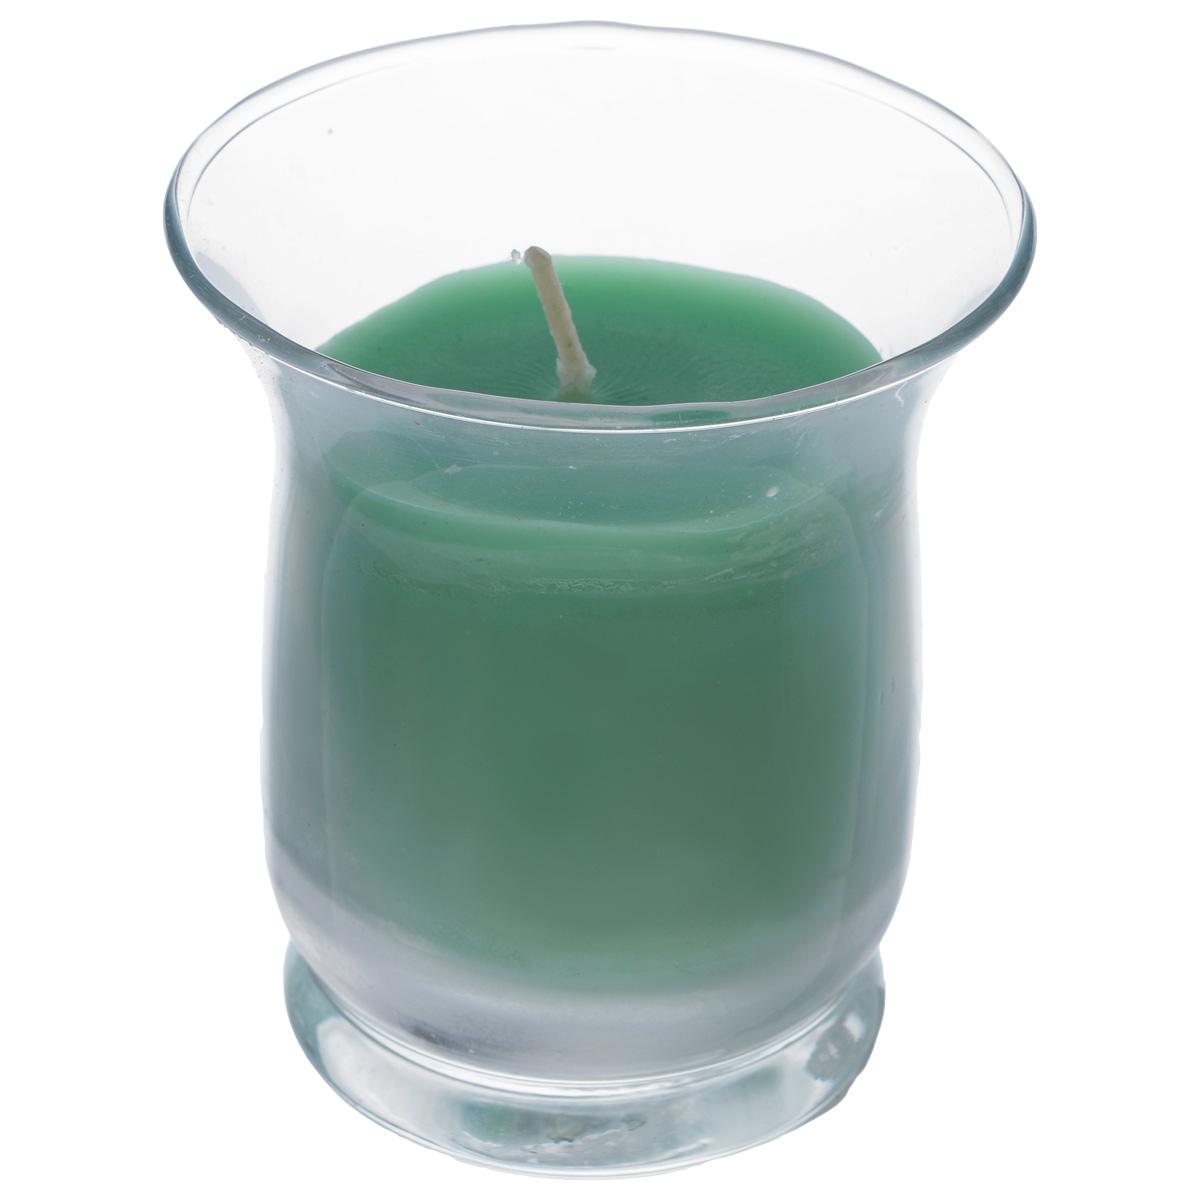 Свеча Sima-land Романтика, с ароматом яблока, высота 7,5 см свеча ароматизированная sima land шиповник высота 7 5 см 907667